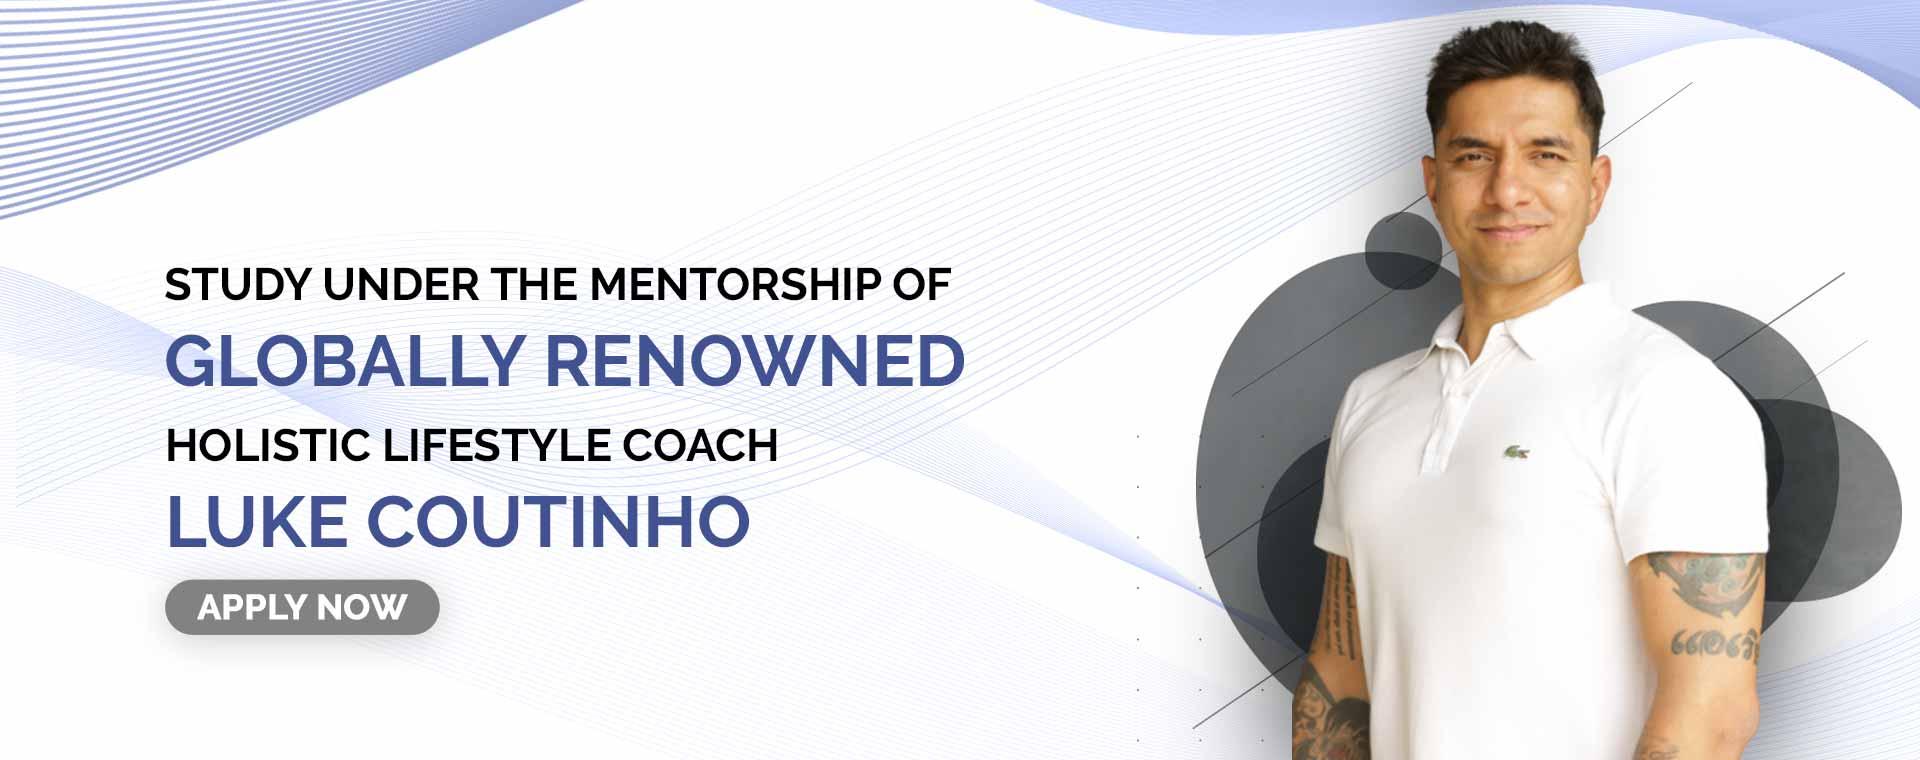 Luke Coutinho : Chief Mentor